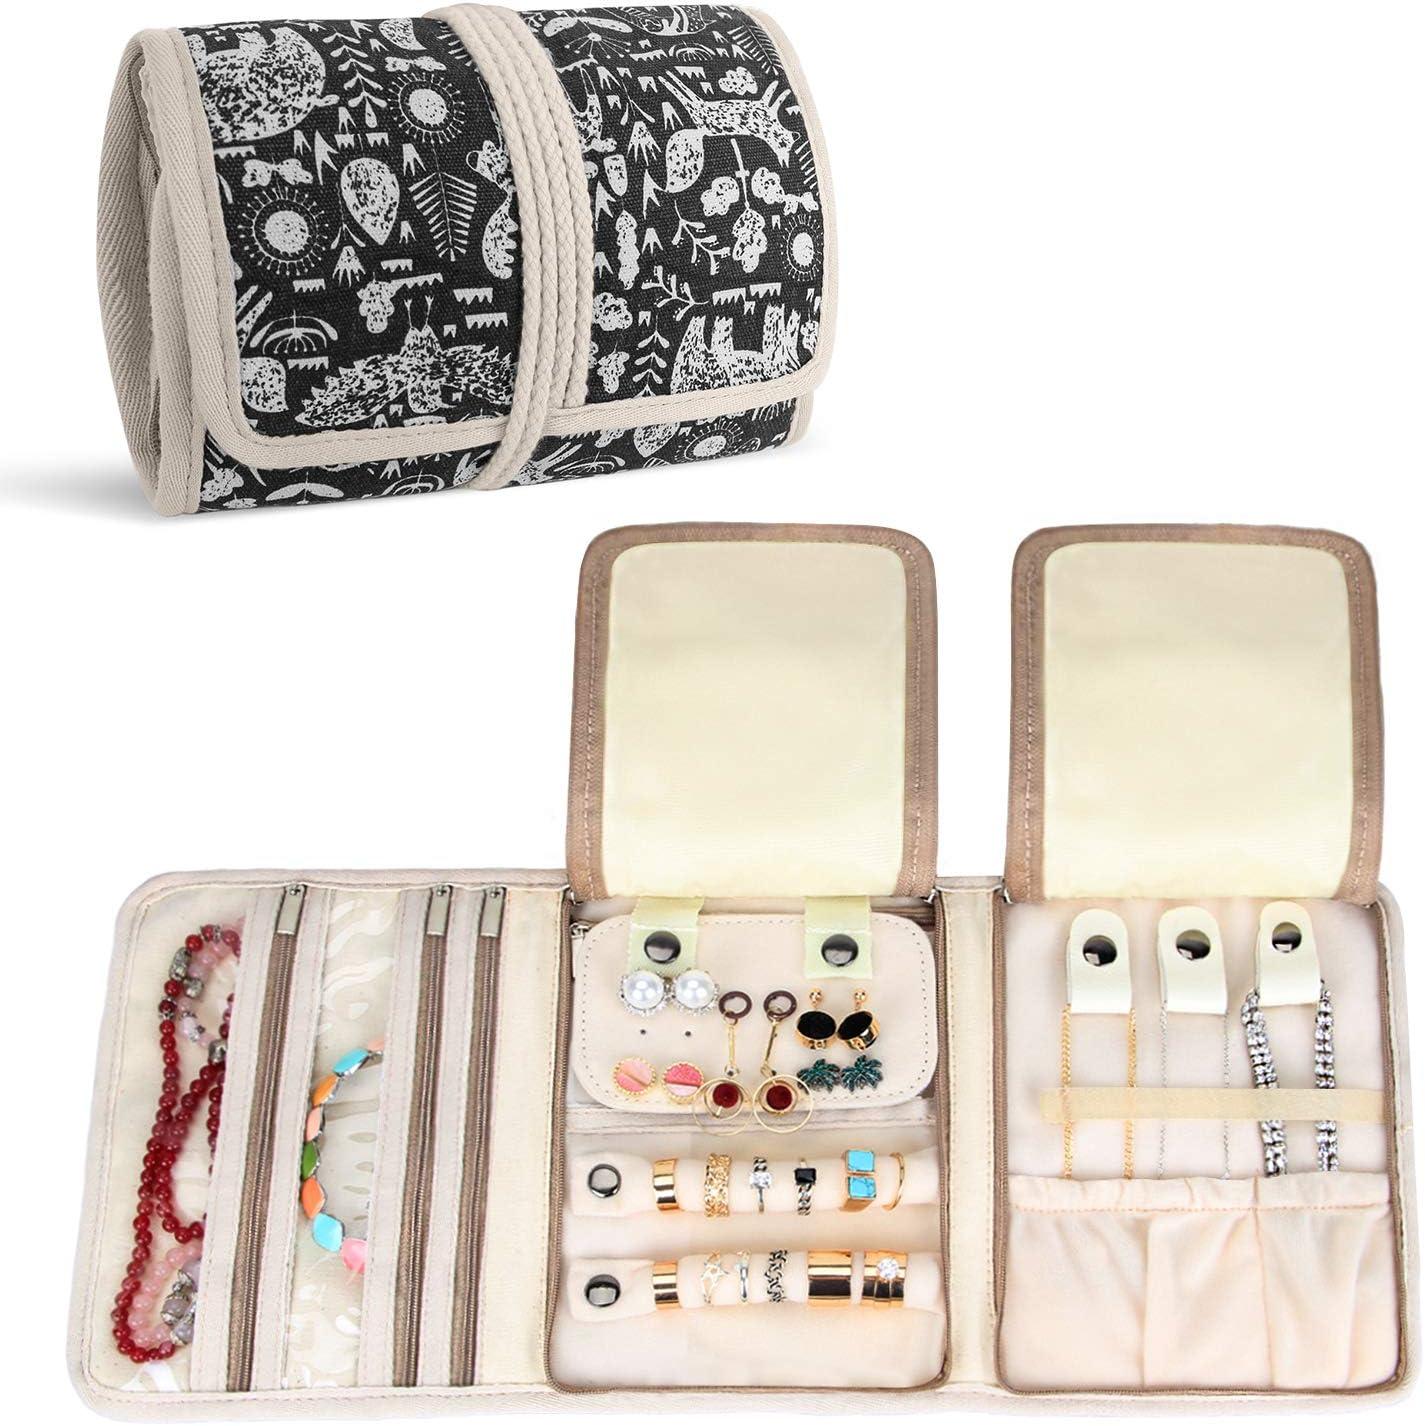 Teamoy Roll para Joyería Organizador de joyas Estuche de viaje para collares, pendientes, pulseras, broches, 3 carpetas, varios departamentos, mundo de animales: Amazon.es: Hogar